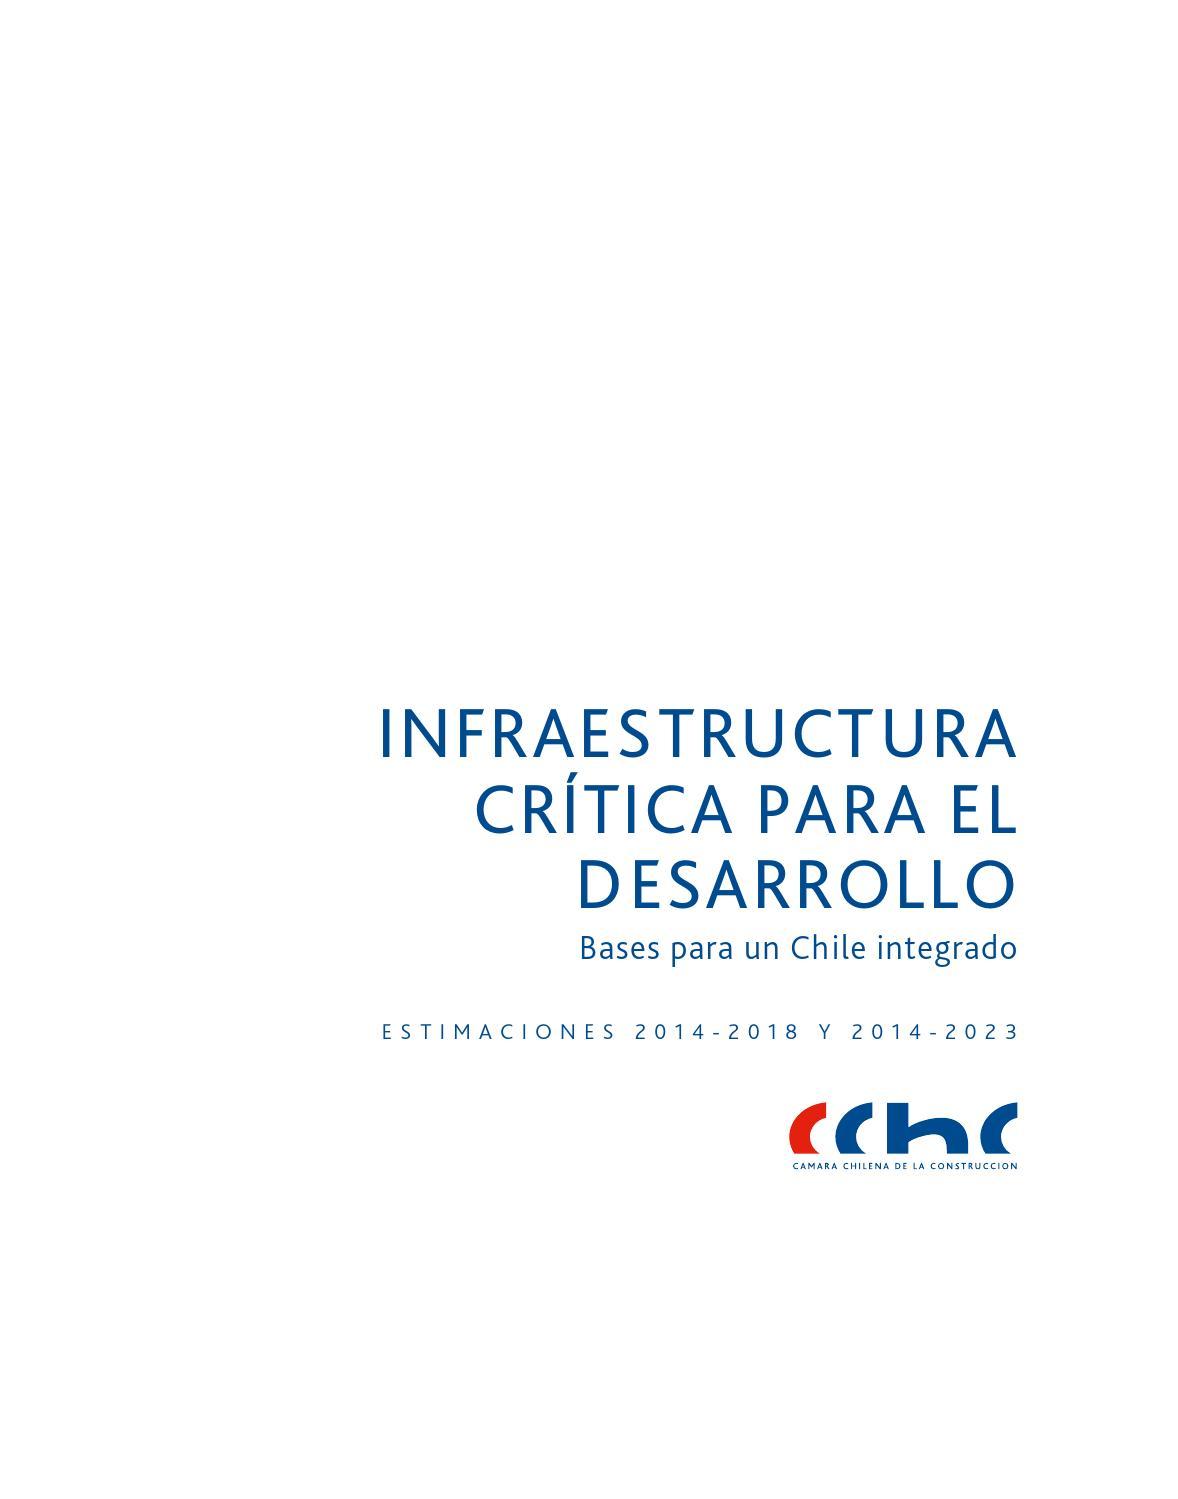 Infraestructura critica para el desarrollo by CChC - issuu